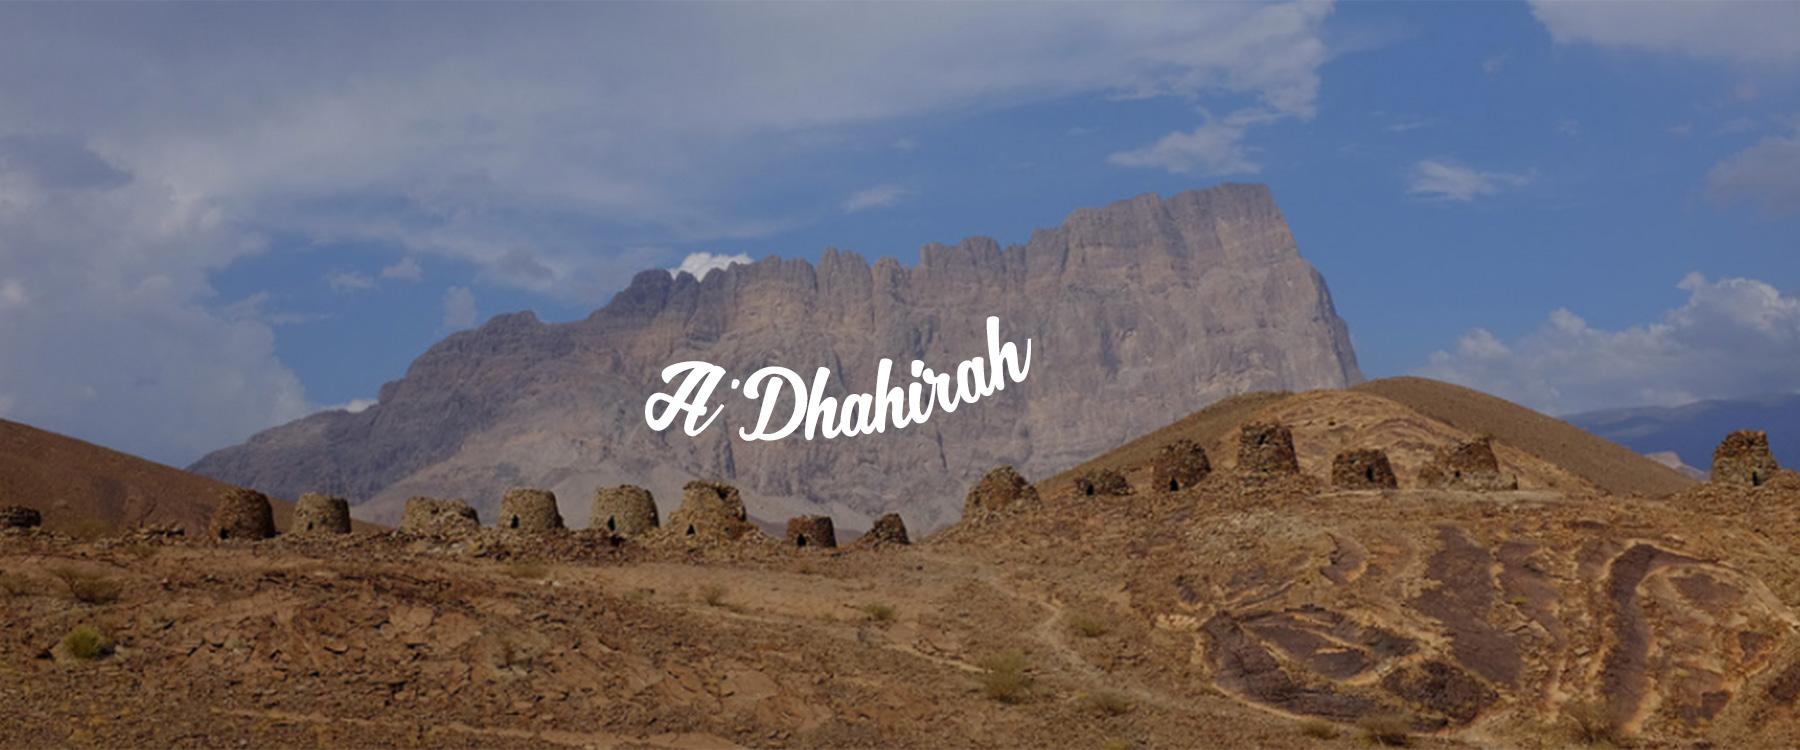 Al Dhahirah